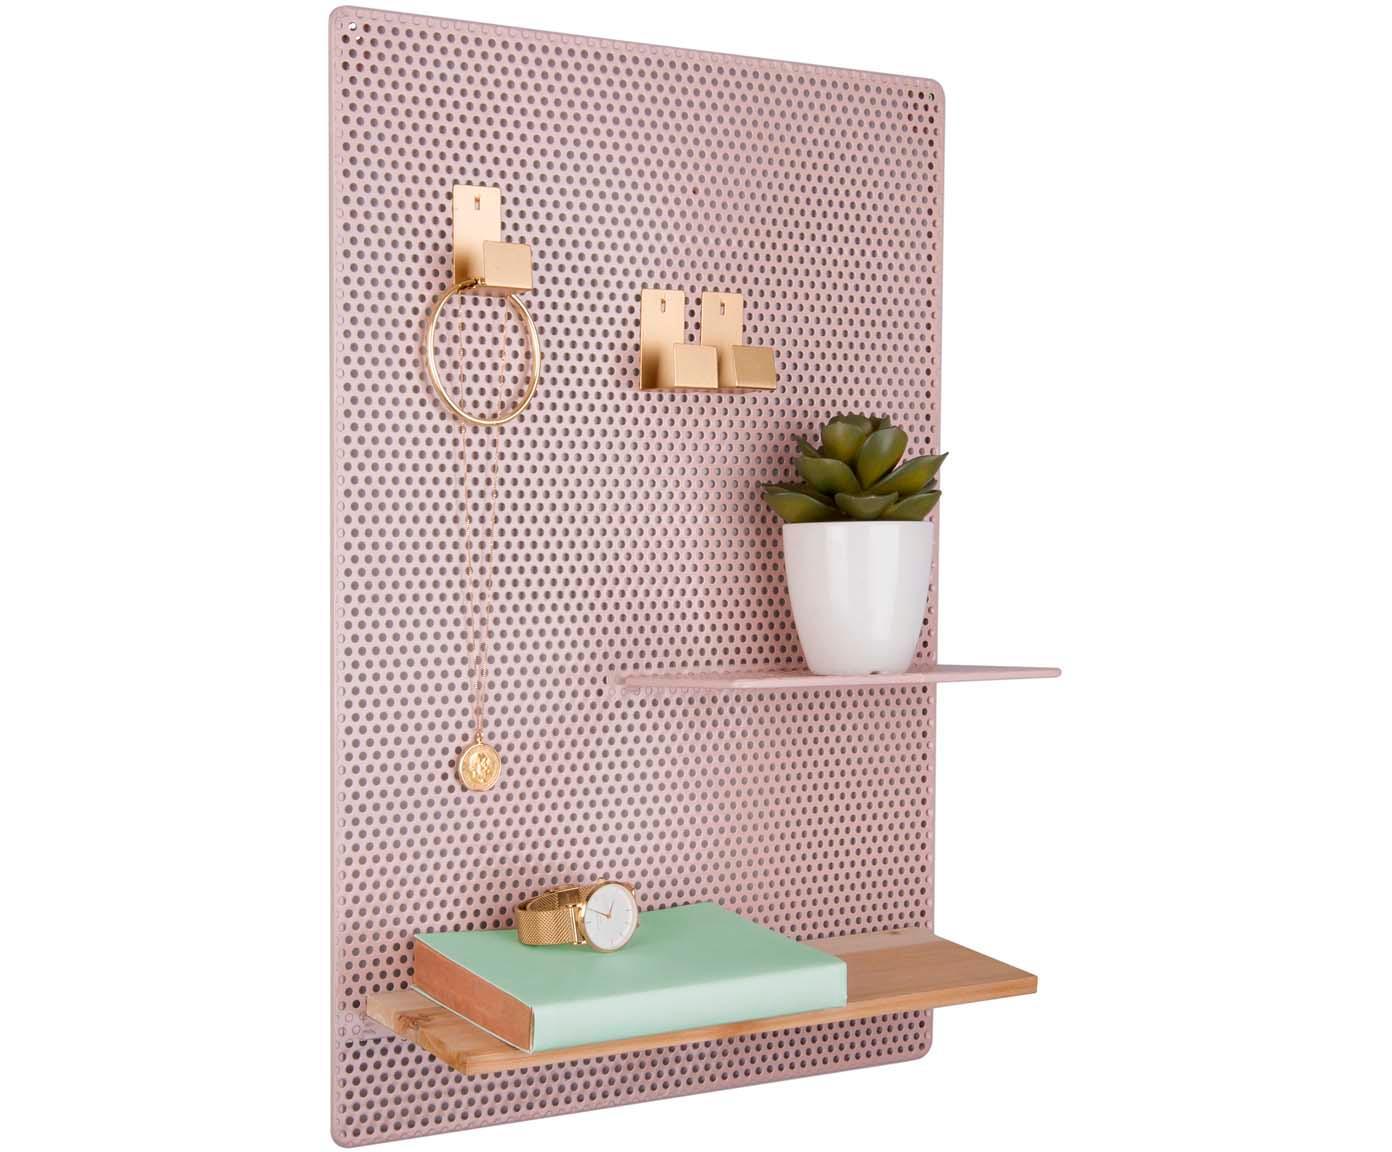 Pinnwand Perkys, Metall, lackiert, Rosa, Messingfarben, 35 x 53 cm